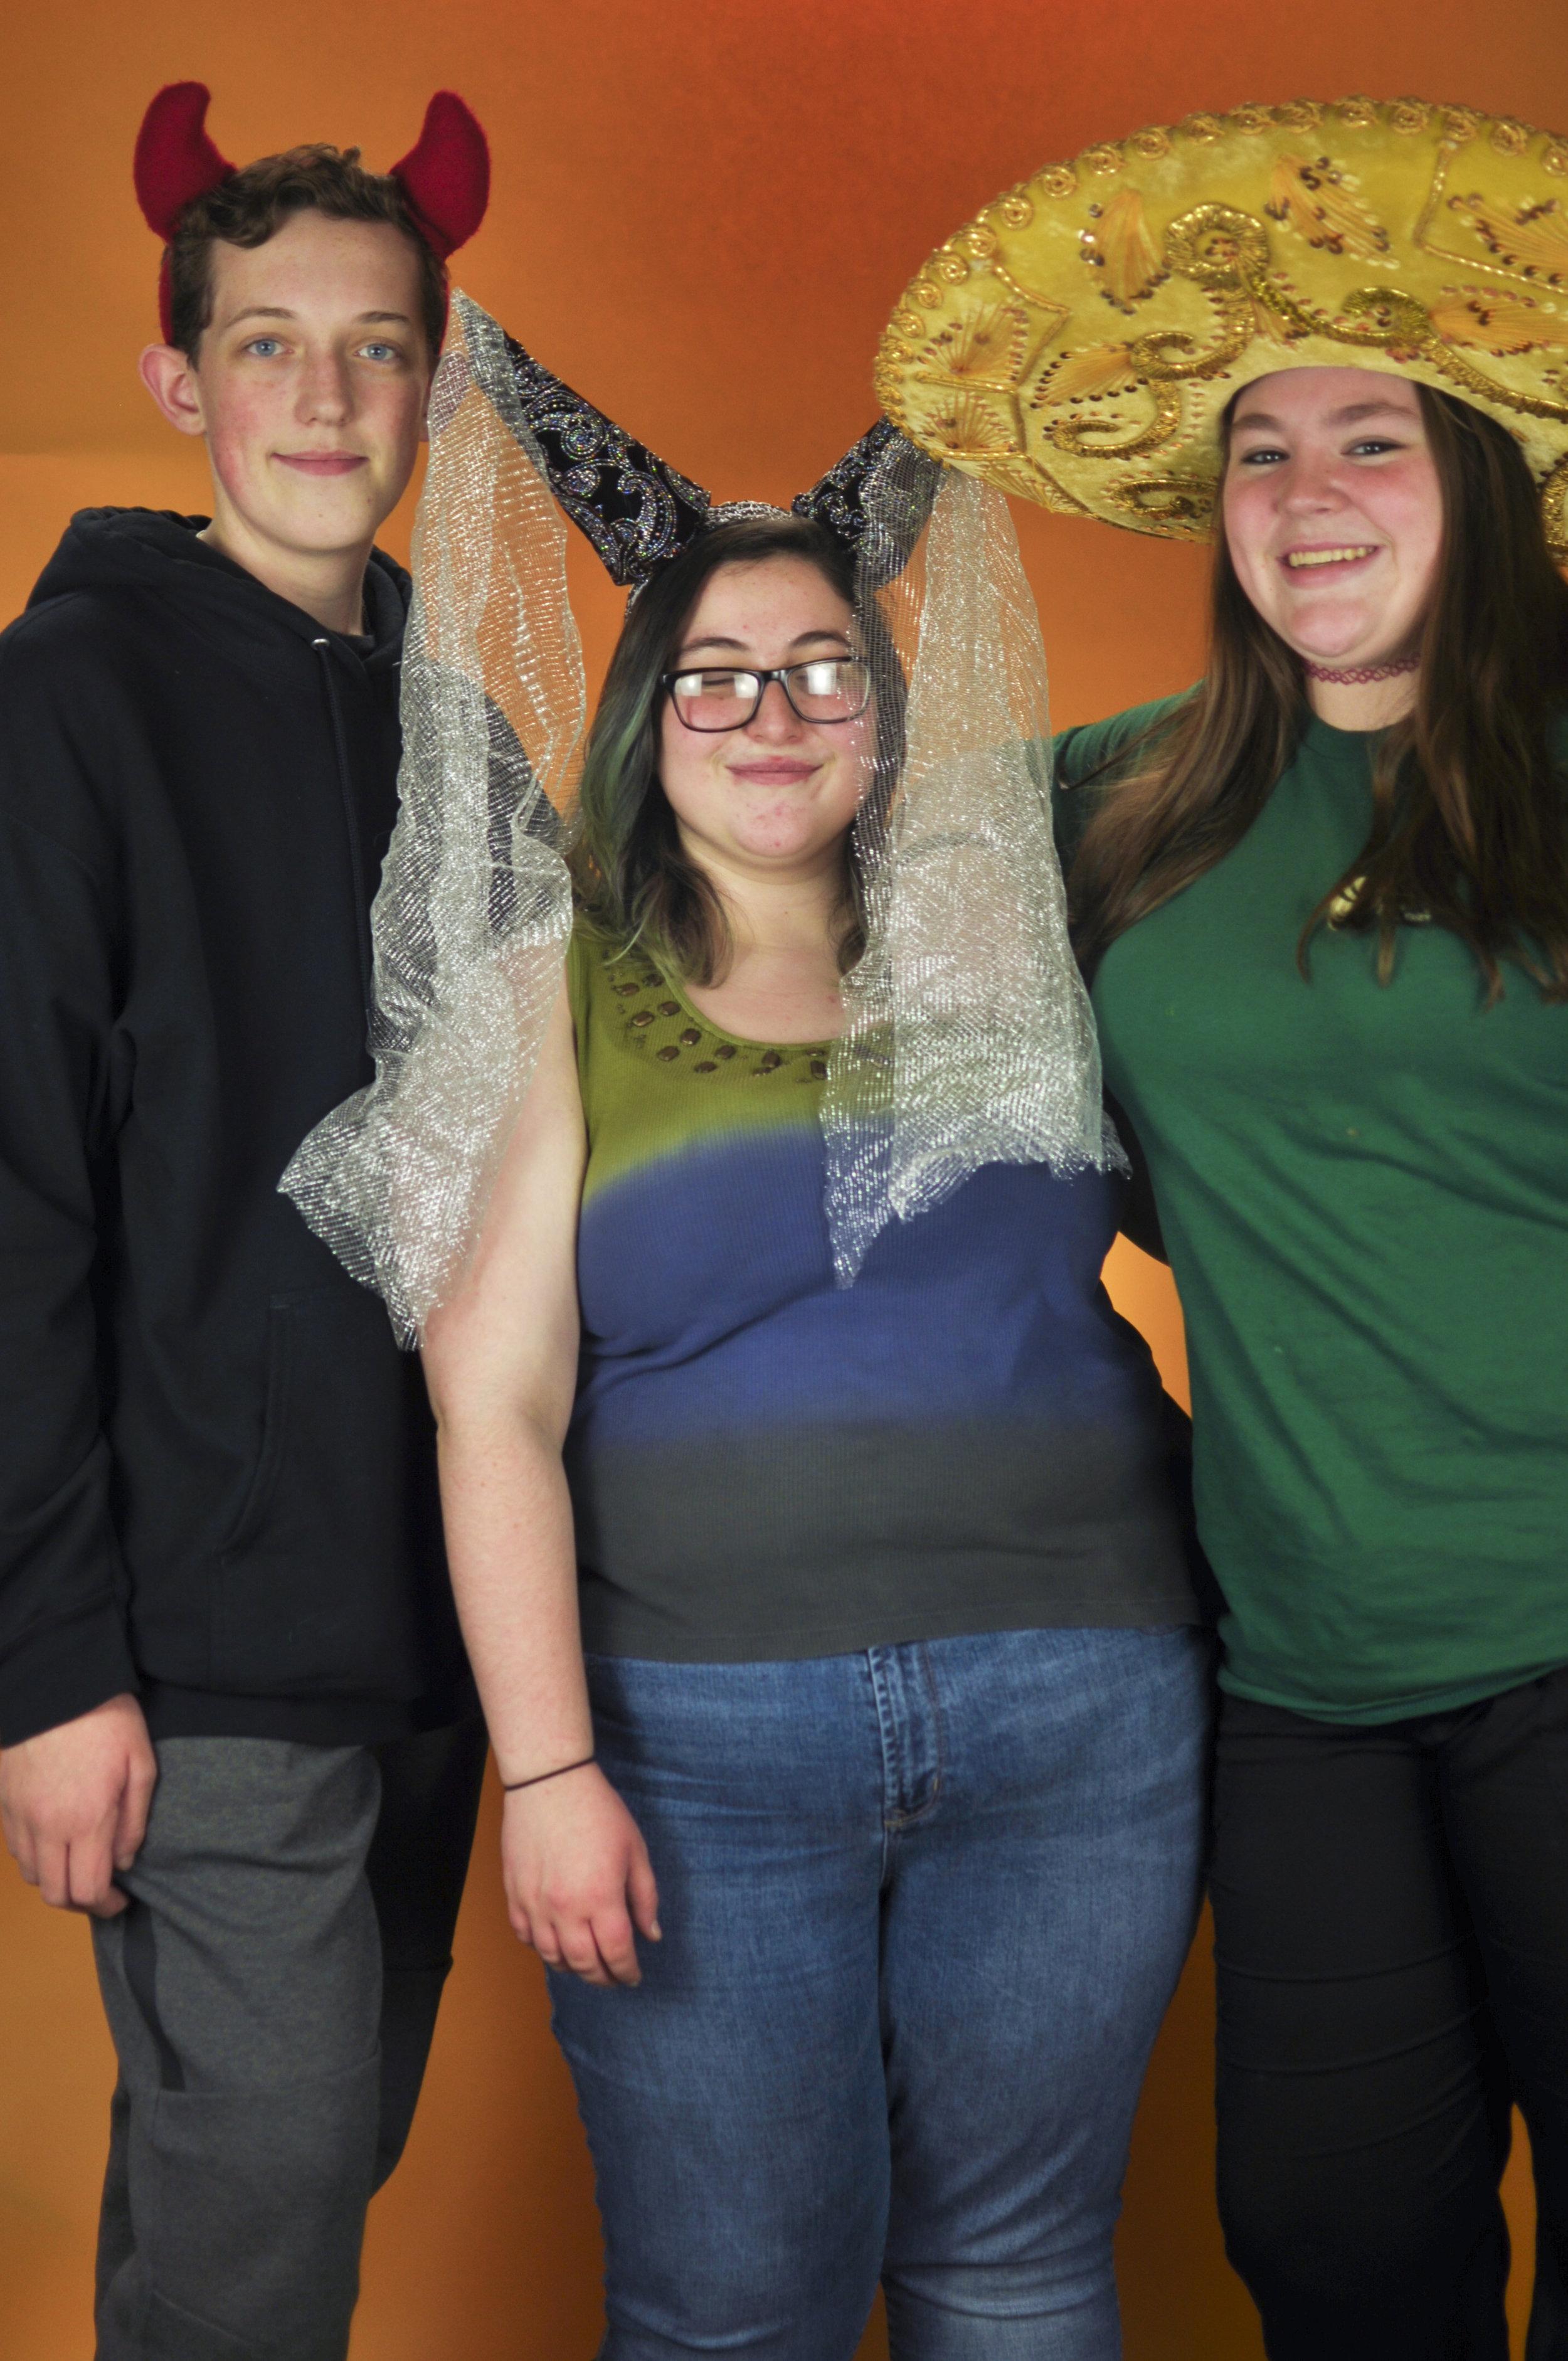 Costume Team